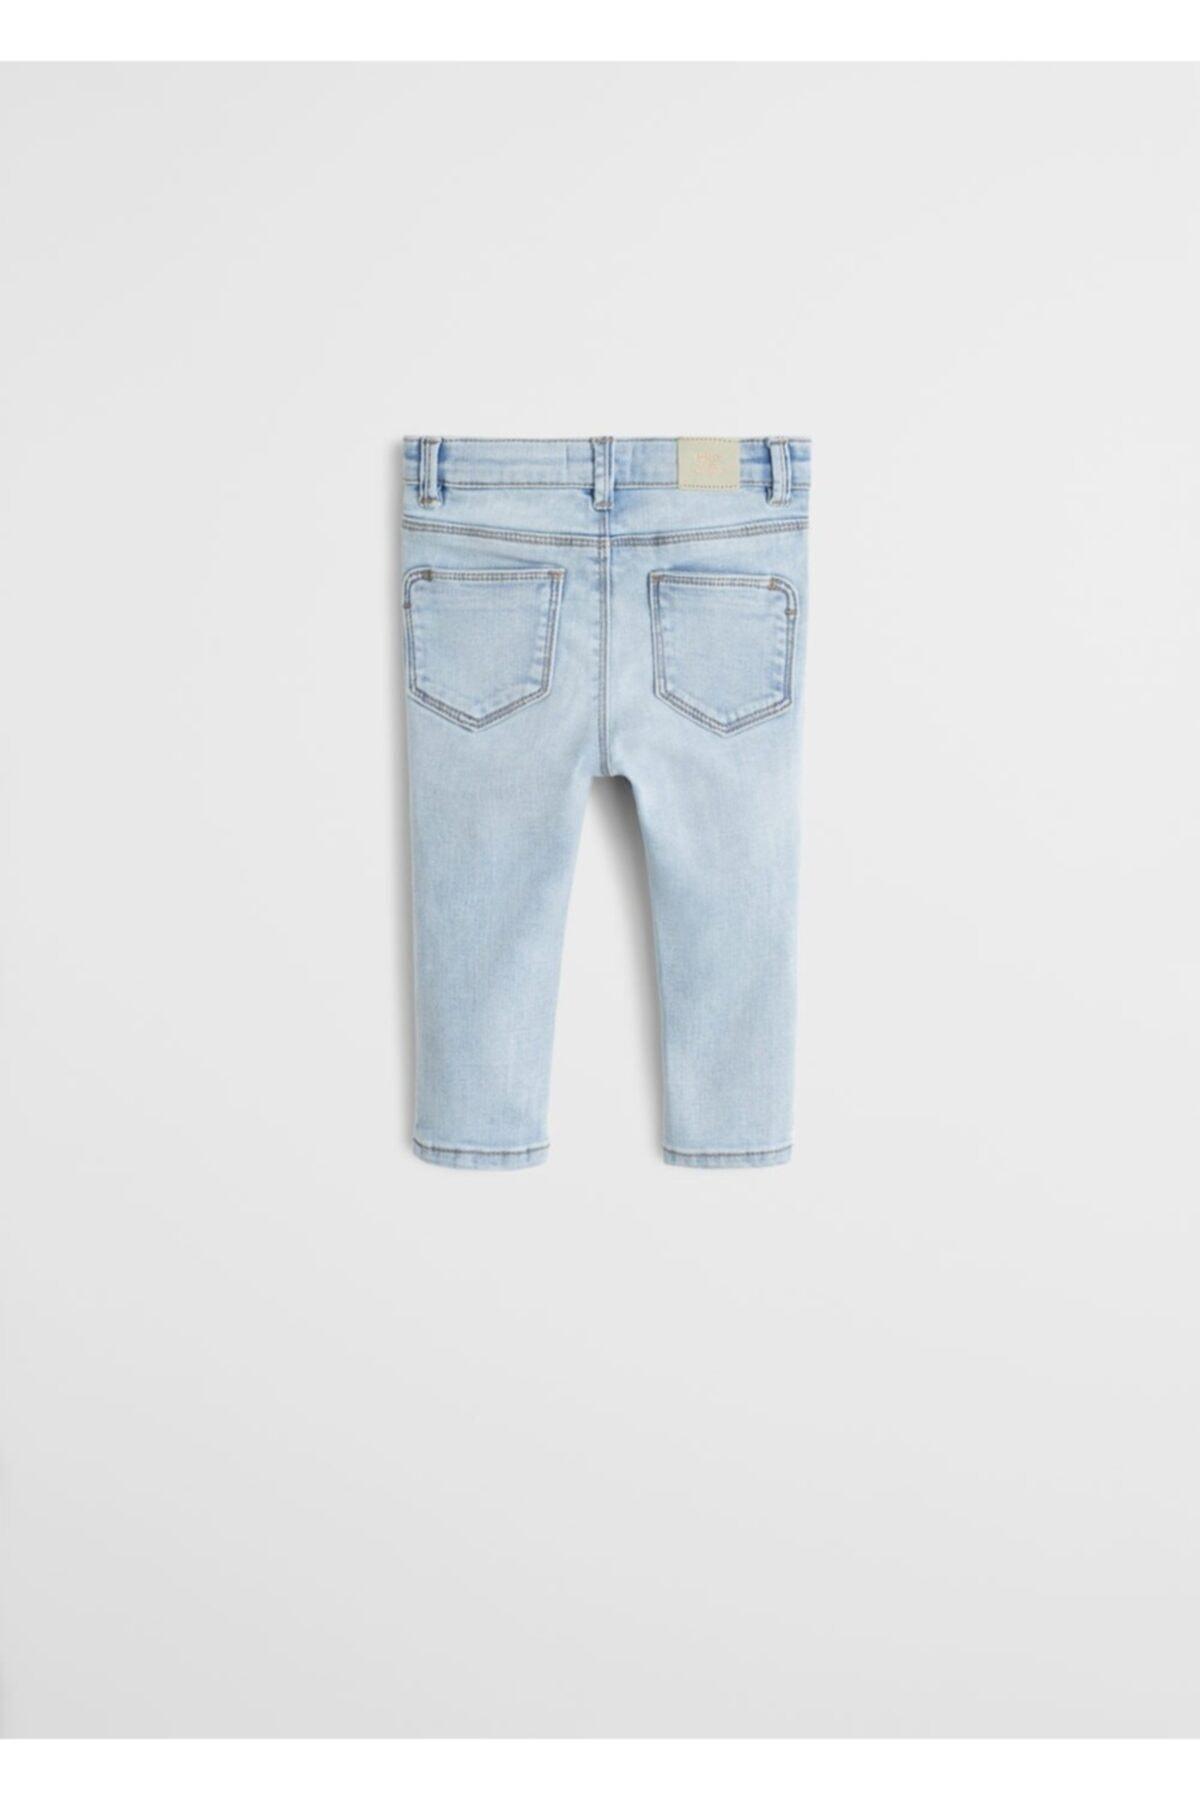 فروشگاه شلوار لی بچه گانه دخترانه اینترنتی برند منگو رنگ آبی کد ty35696117